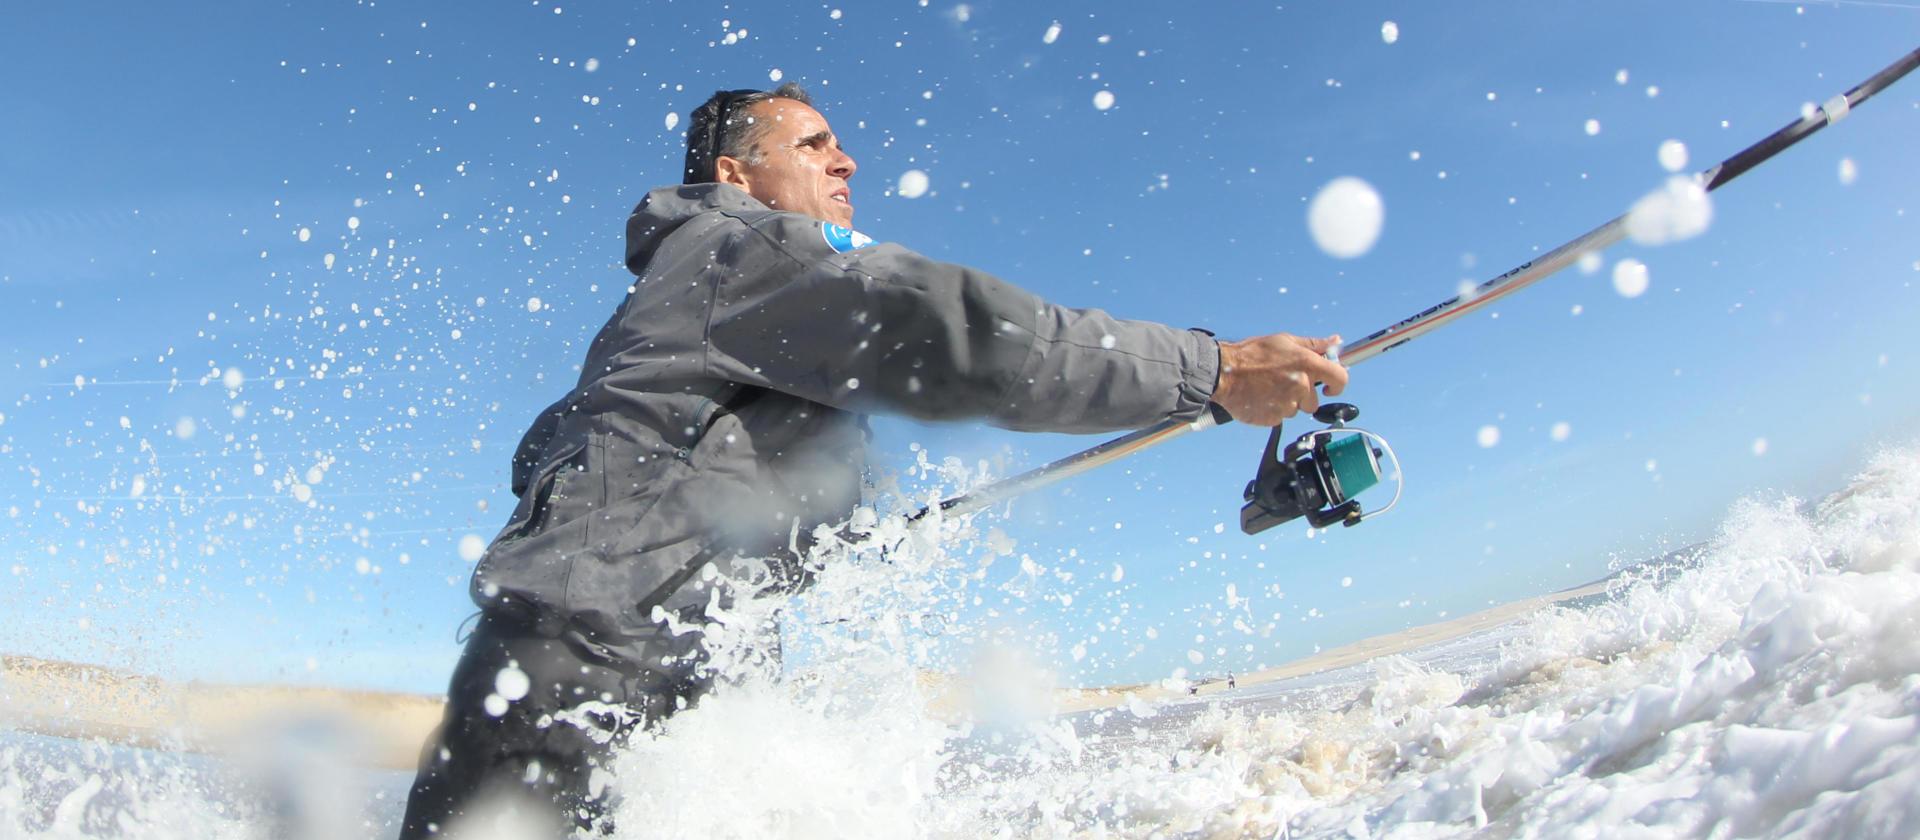 slidesurf500.jpg